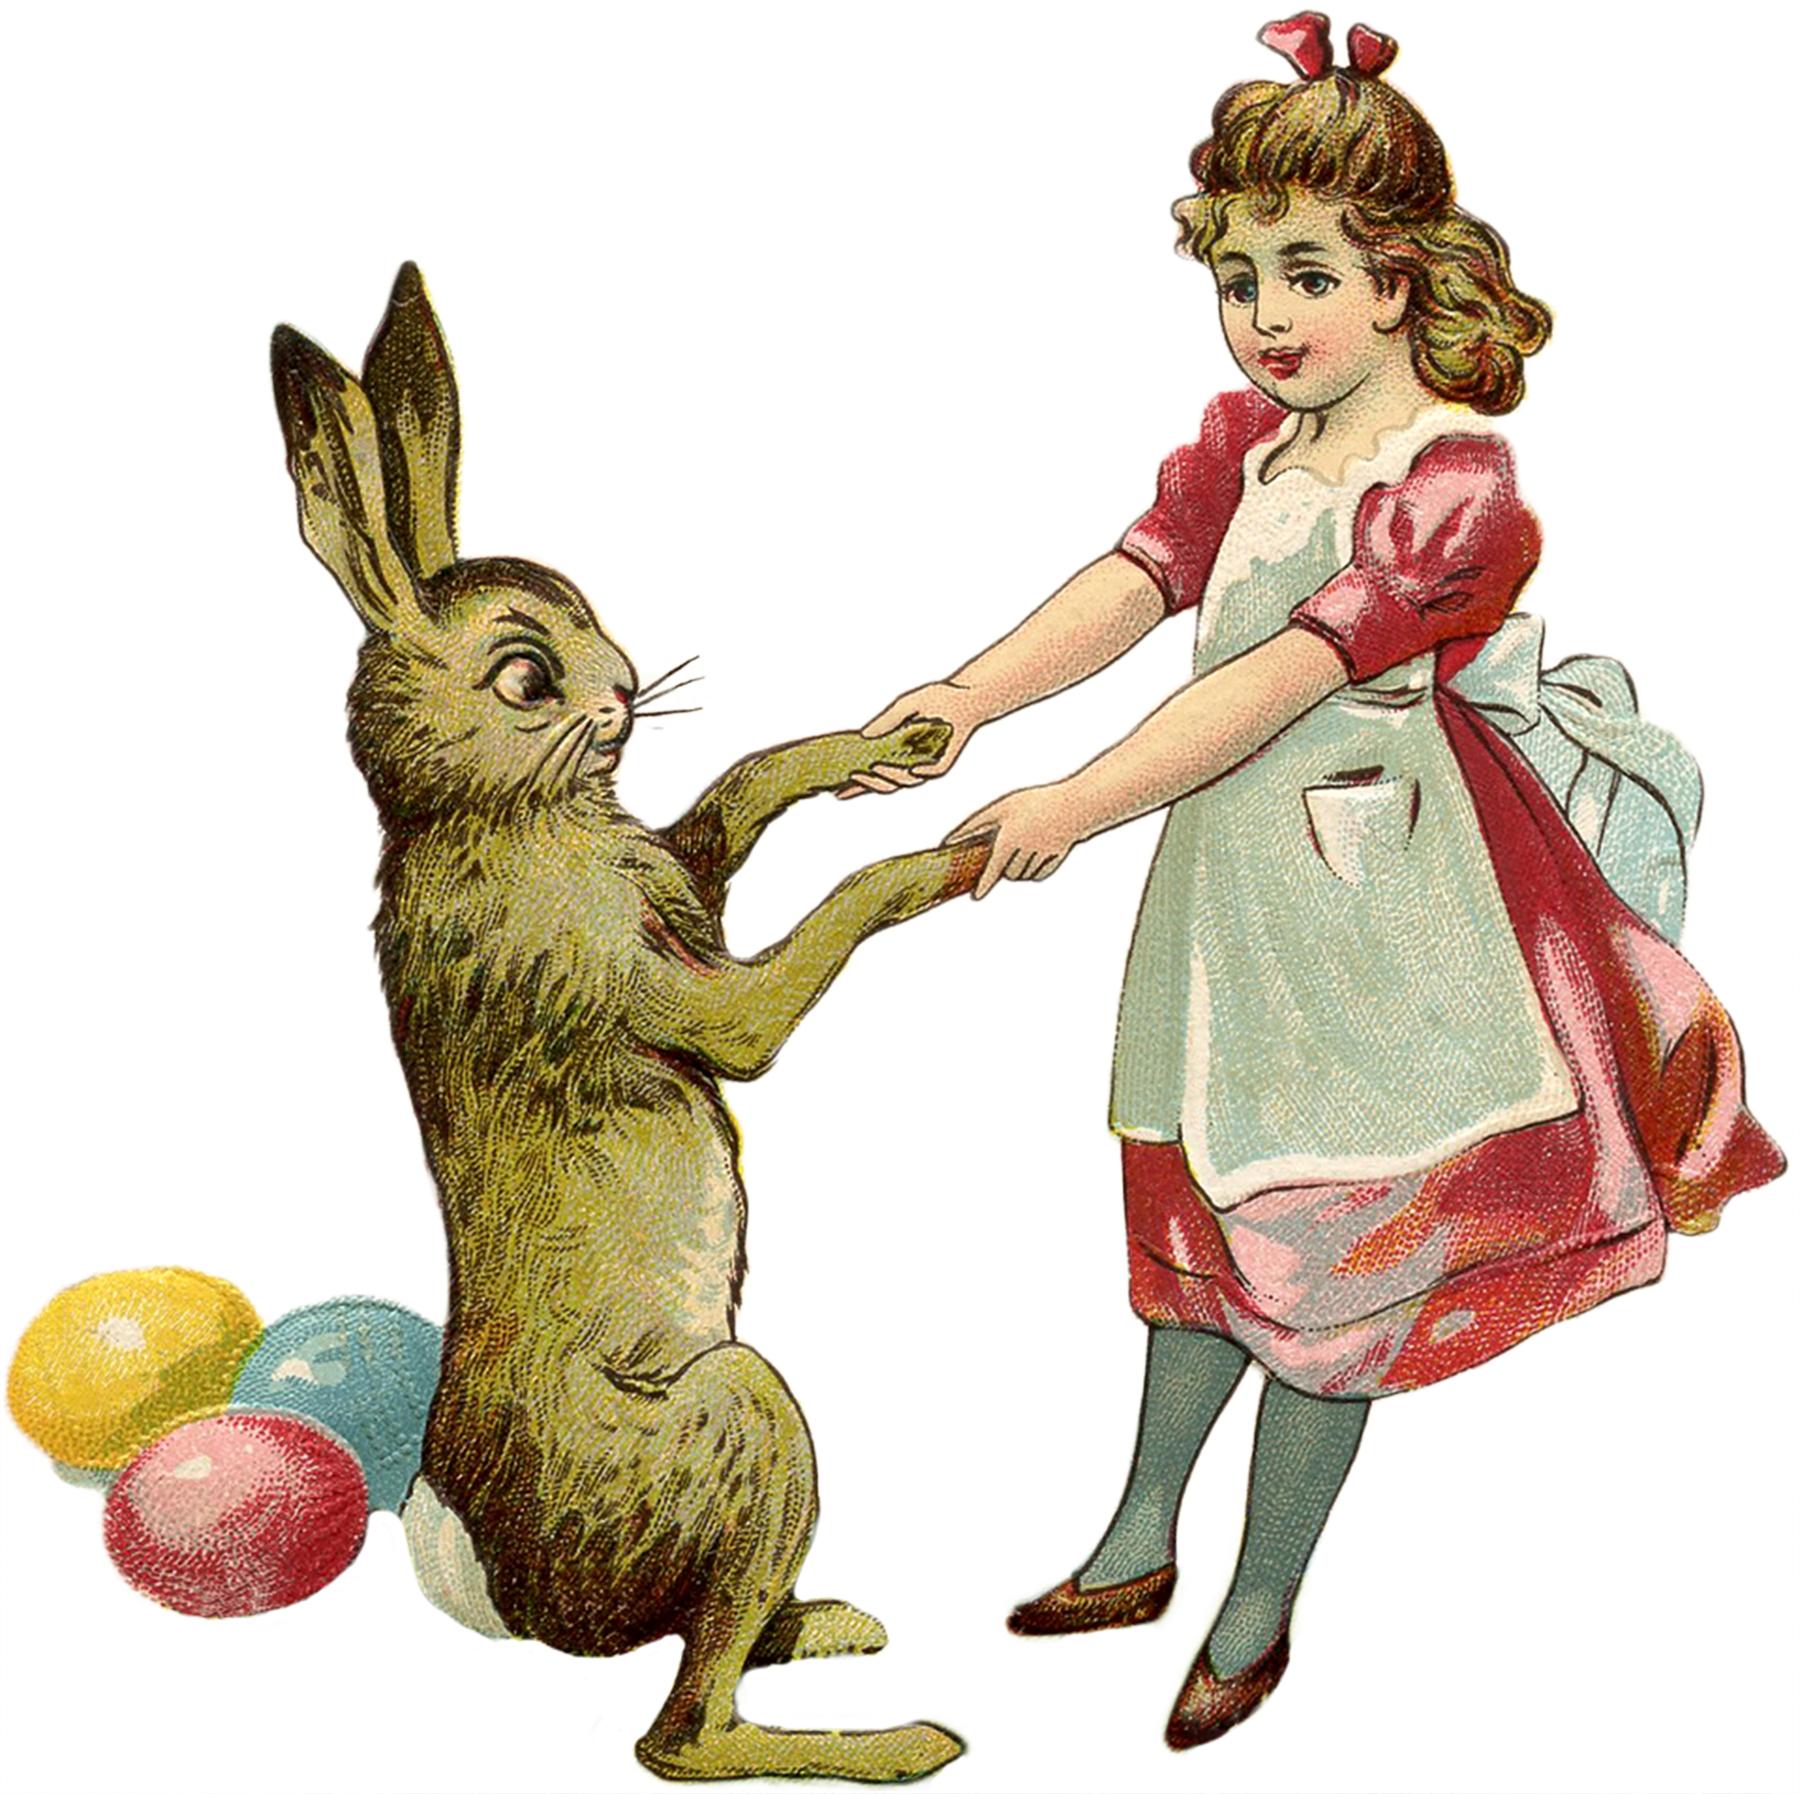 Vintage easter egg images clipart clip art transparent stock Free Vintage Easter Bunny Images - The Graphics Fairy clip art transparent stock